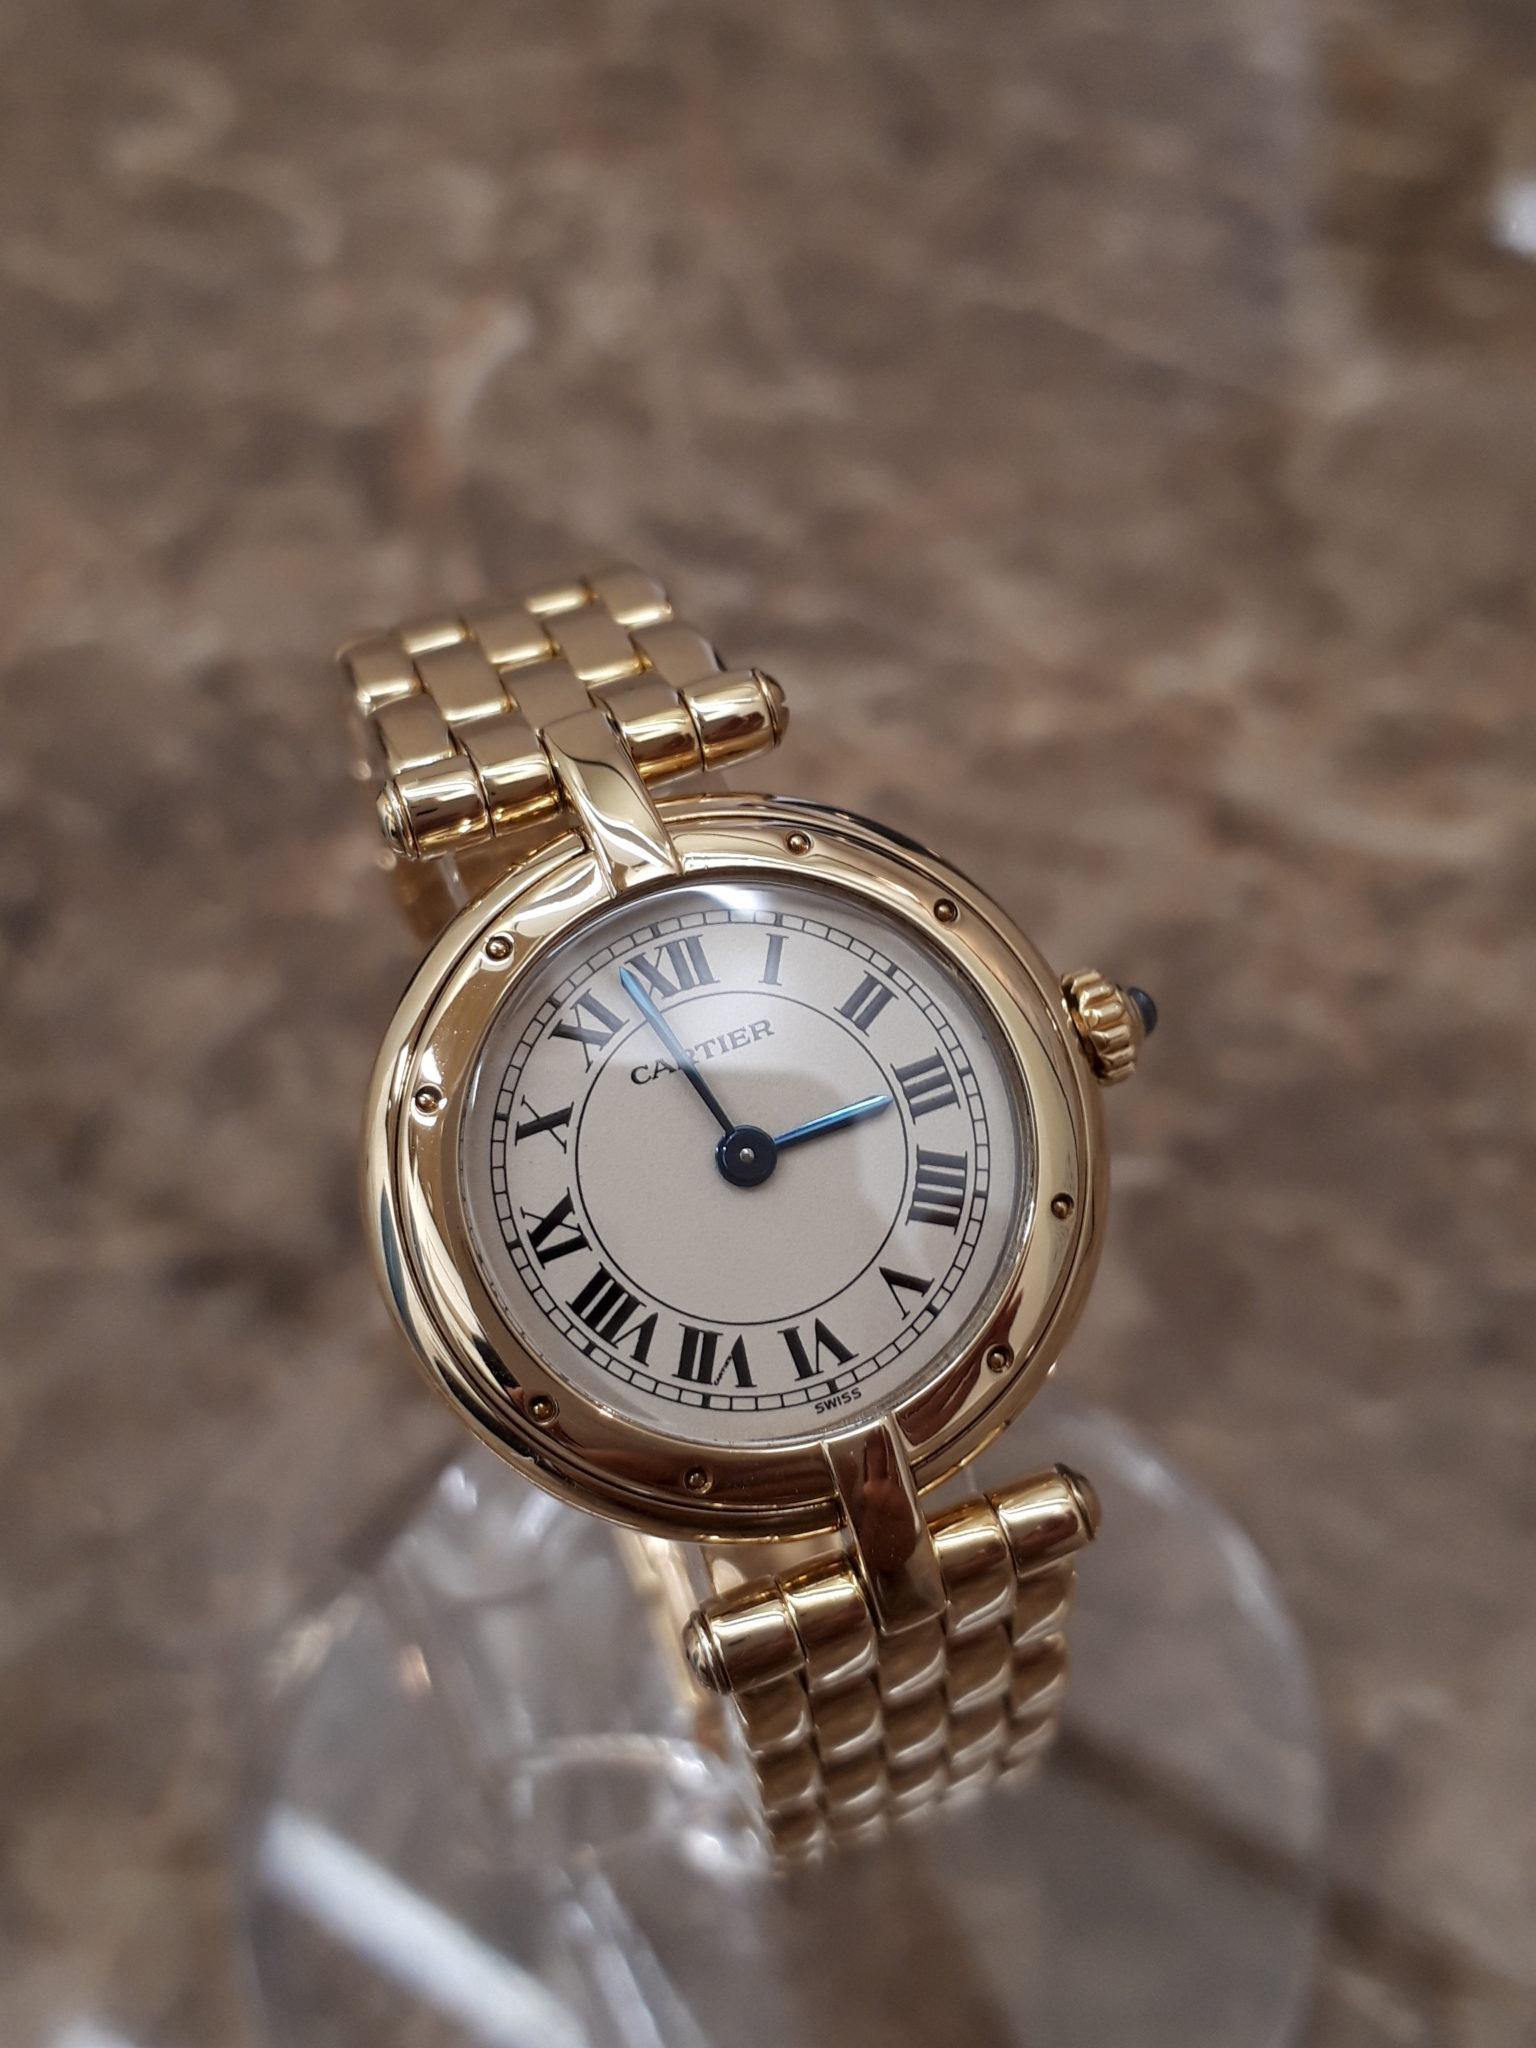 【Cartier カルティエ パンテールヴァンドーム 18K】を盛岡市のお客様からお買取させて頂きました!